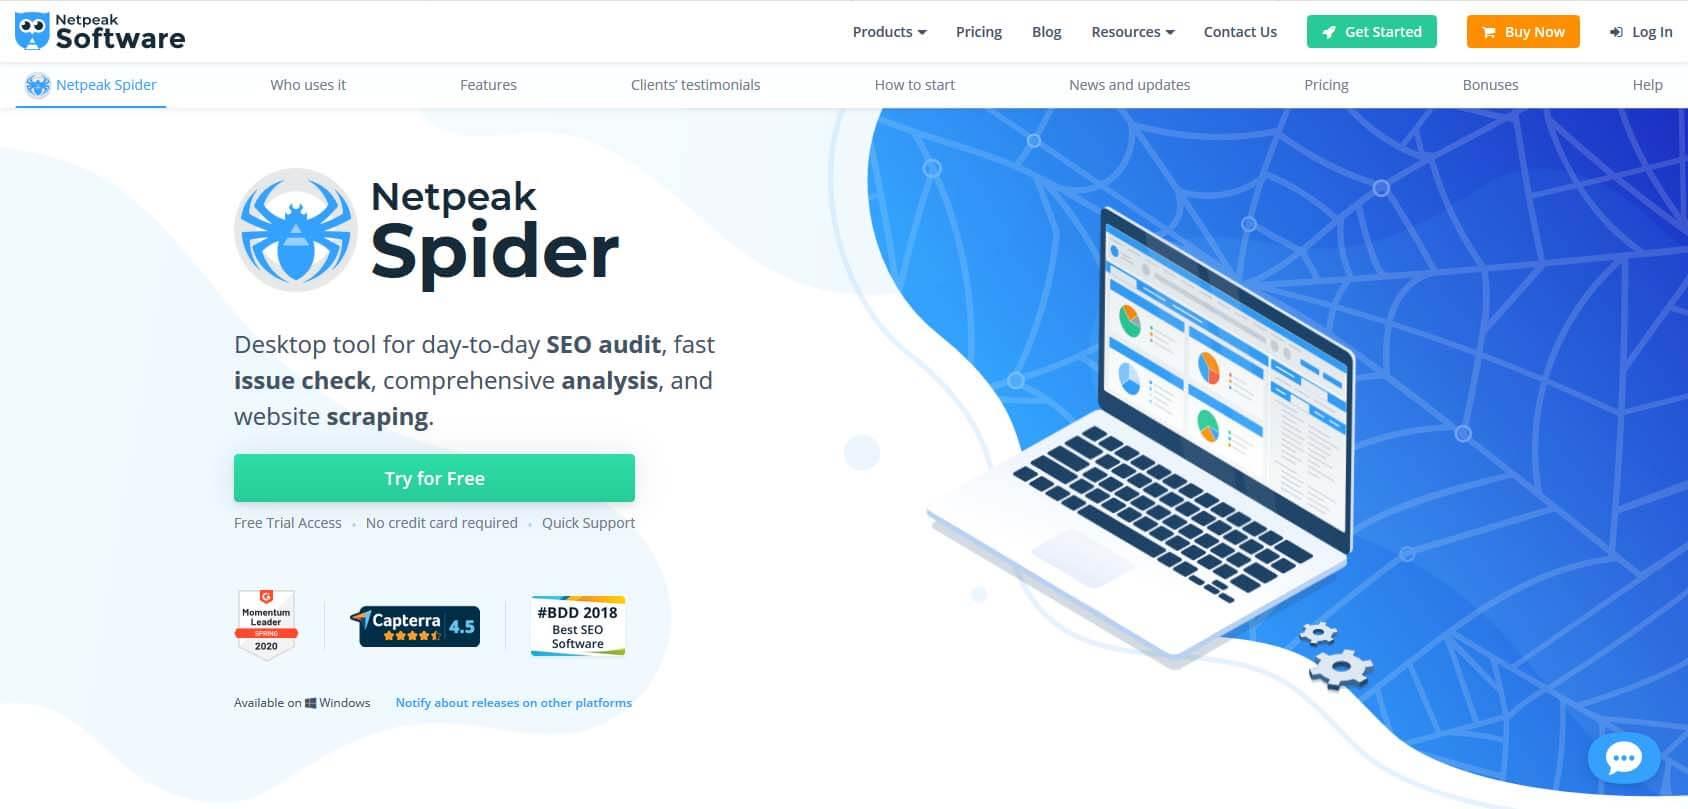 Netpeak Spider homepage